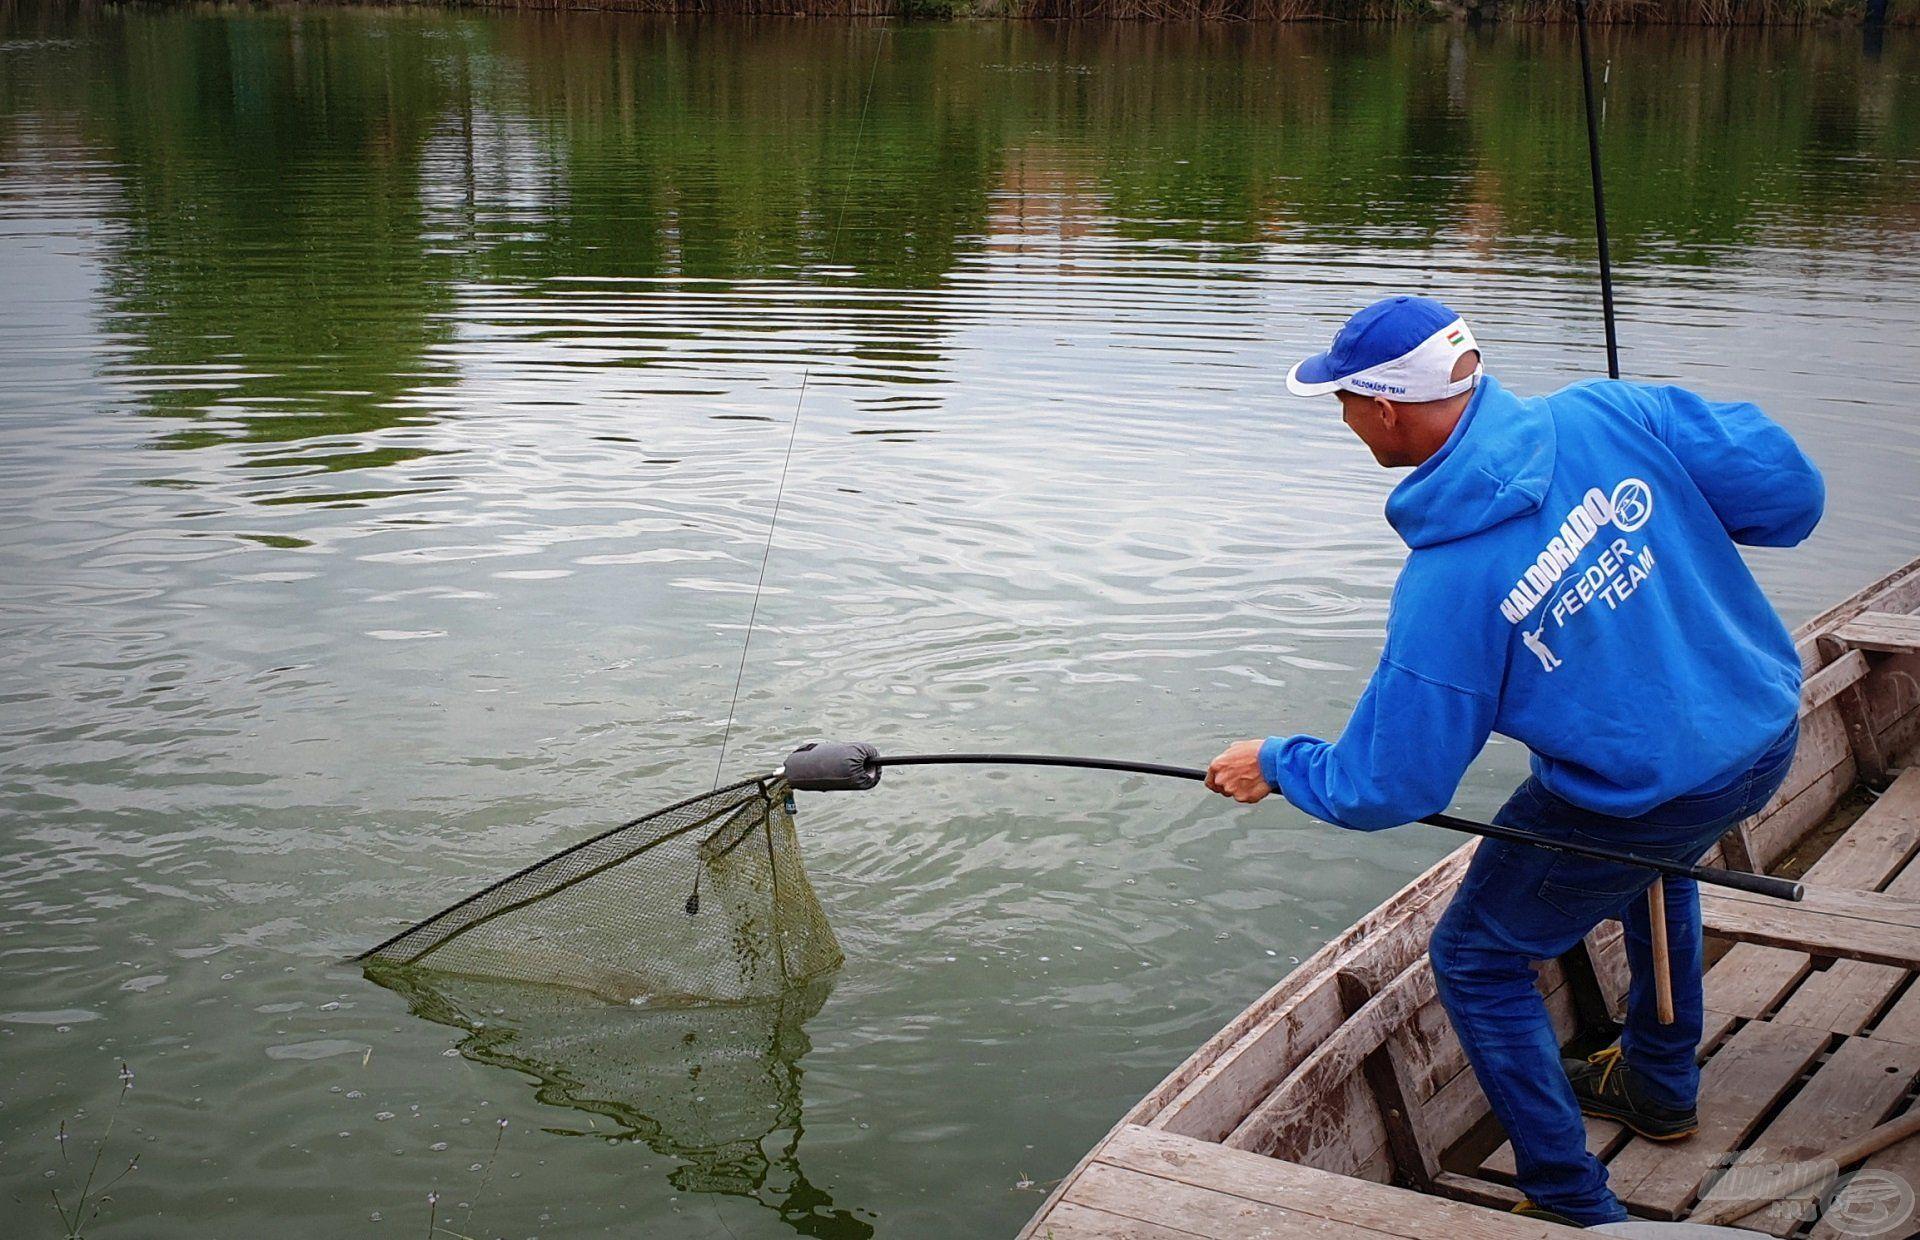 Az amurok gyakorlatilag megszállták az etetést, így a horgászat igazán pörgőssé vált